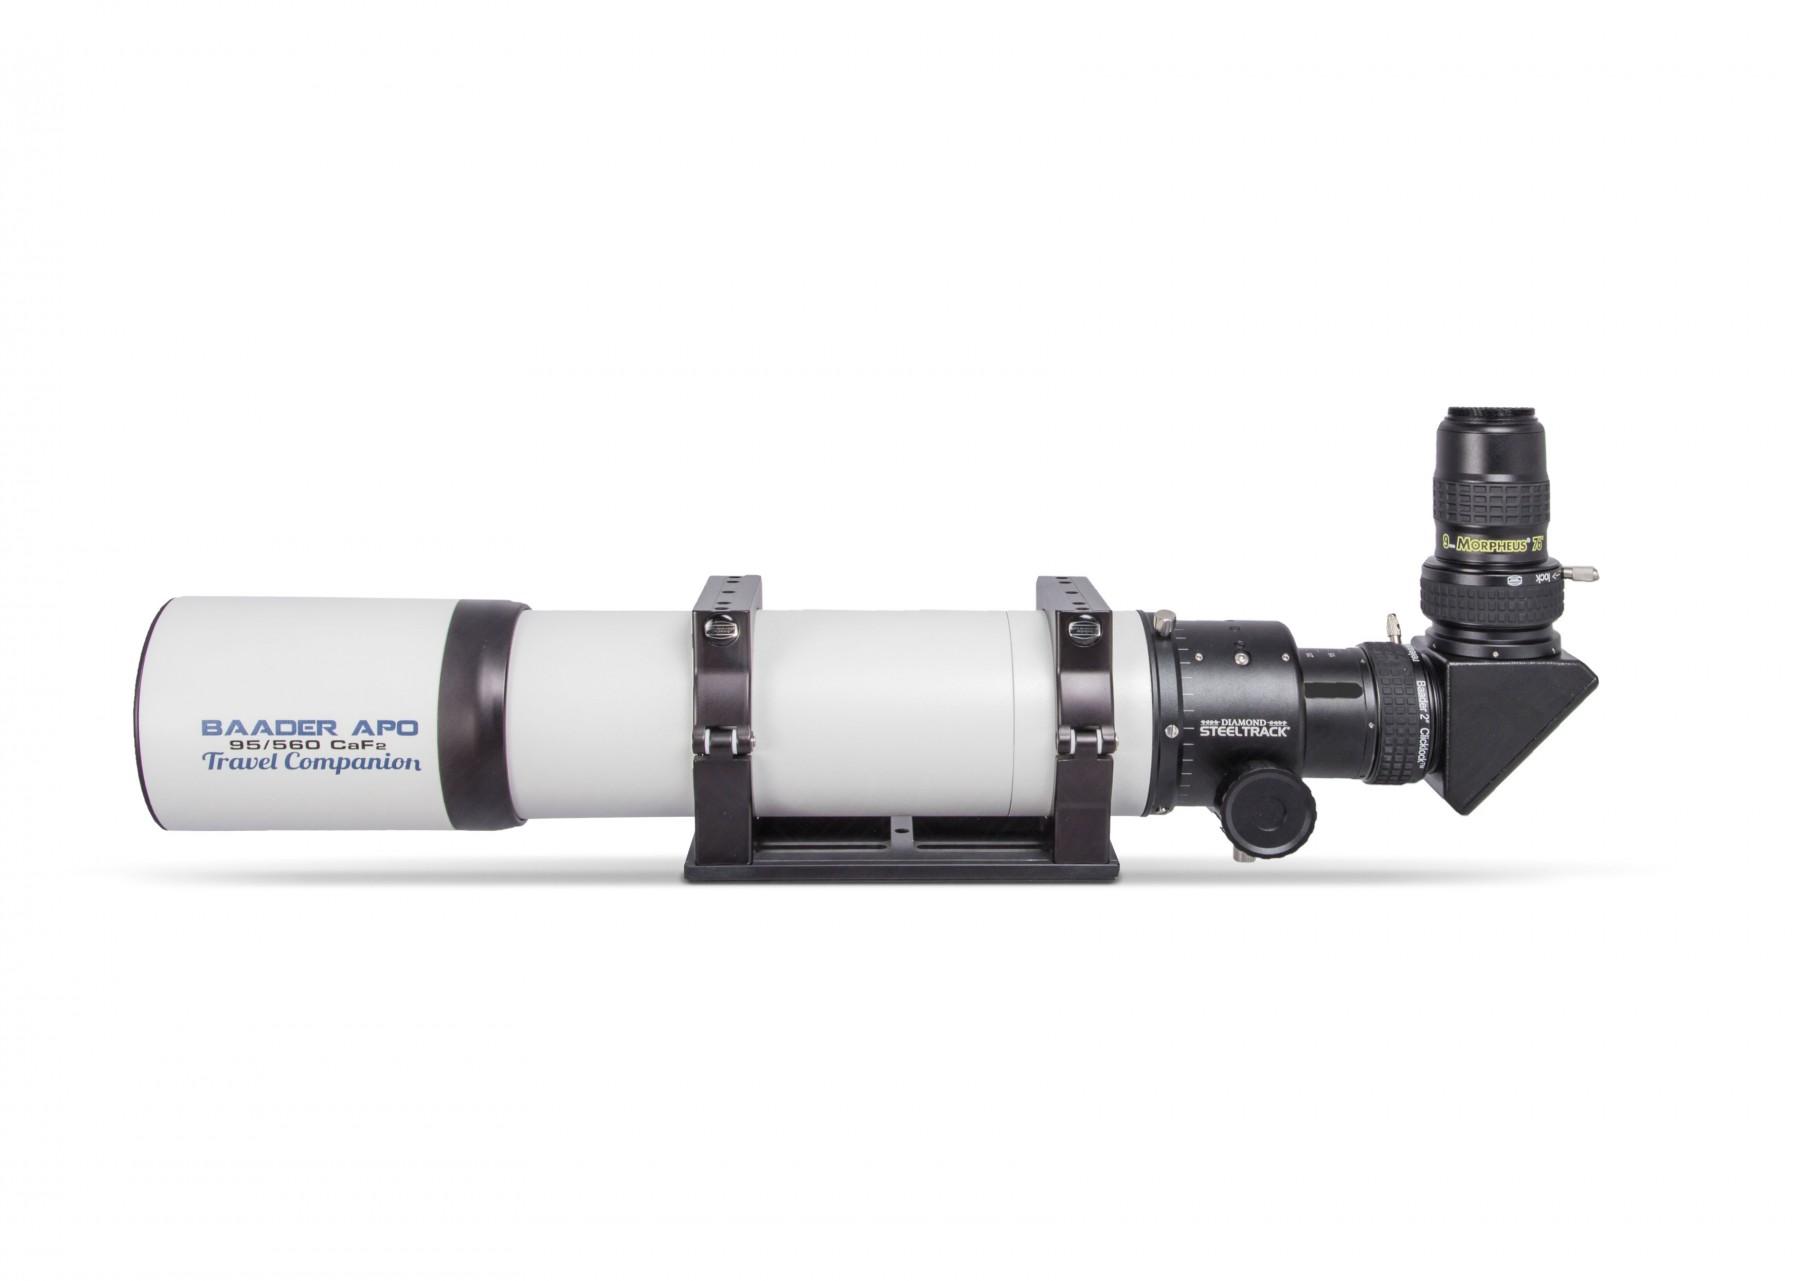 Anwendungsbild: Baader Fluorit APO (inkl. Diamond Steeltrack), Clicklock S58, BBHS Zenitspiegel, Morpheus 76°